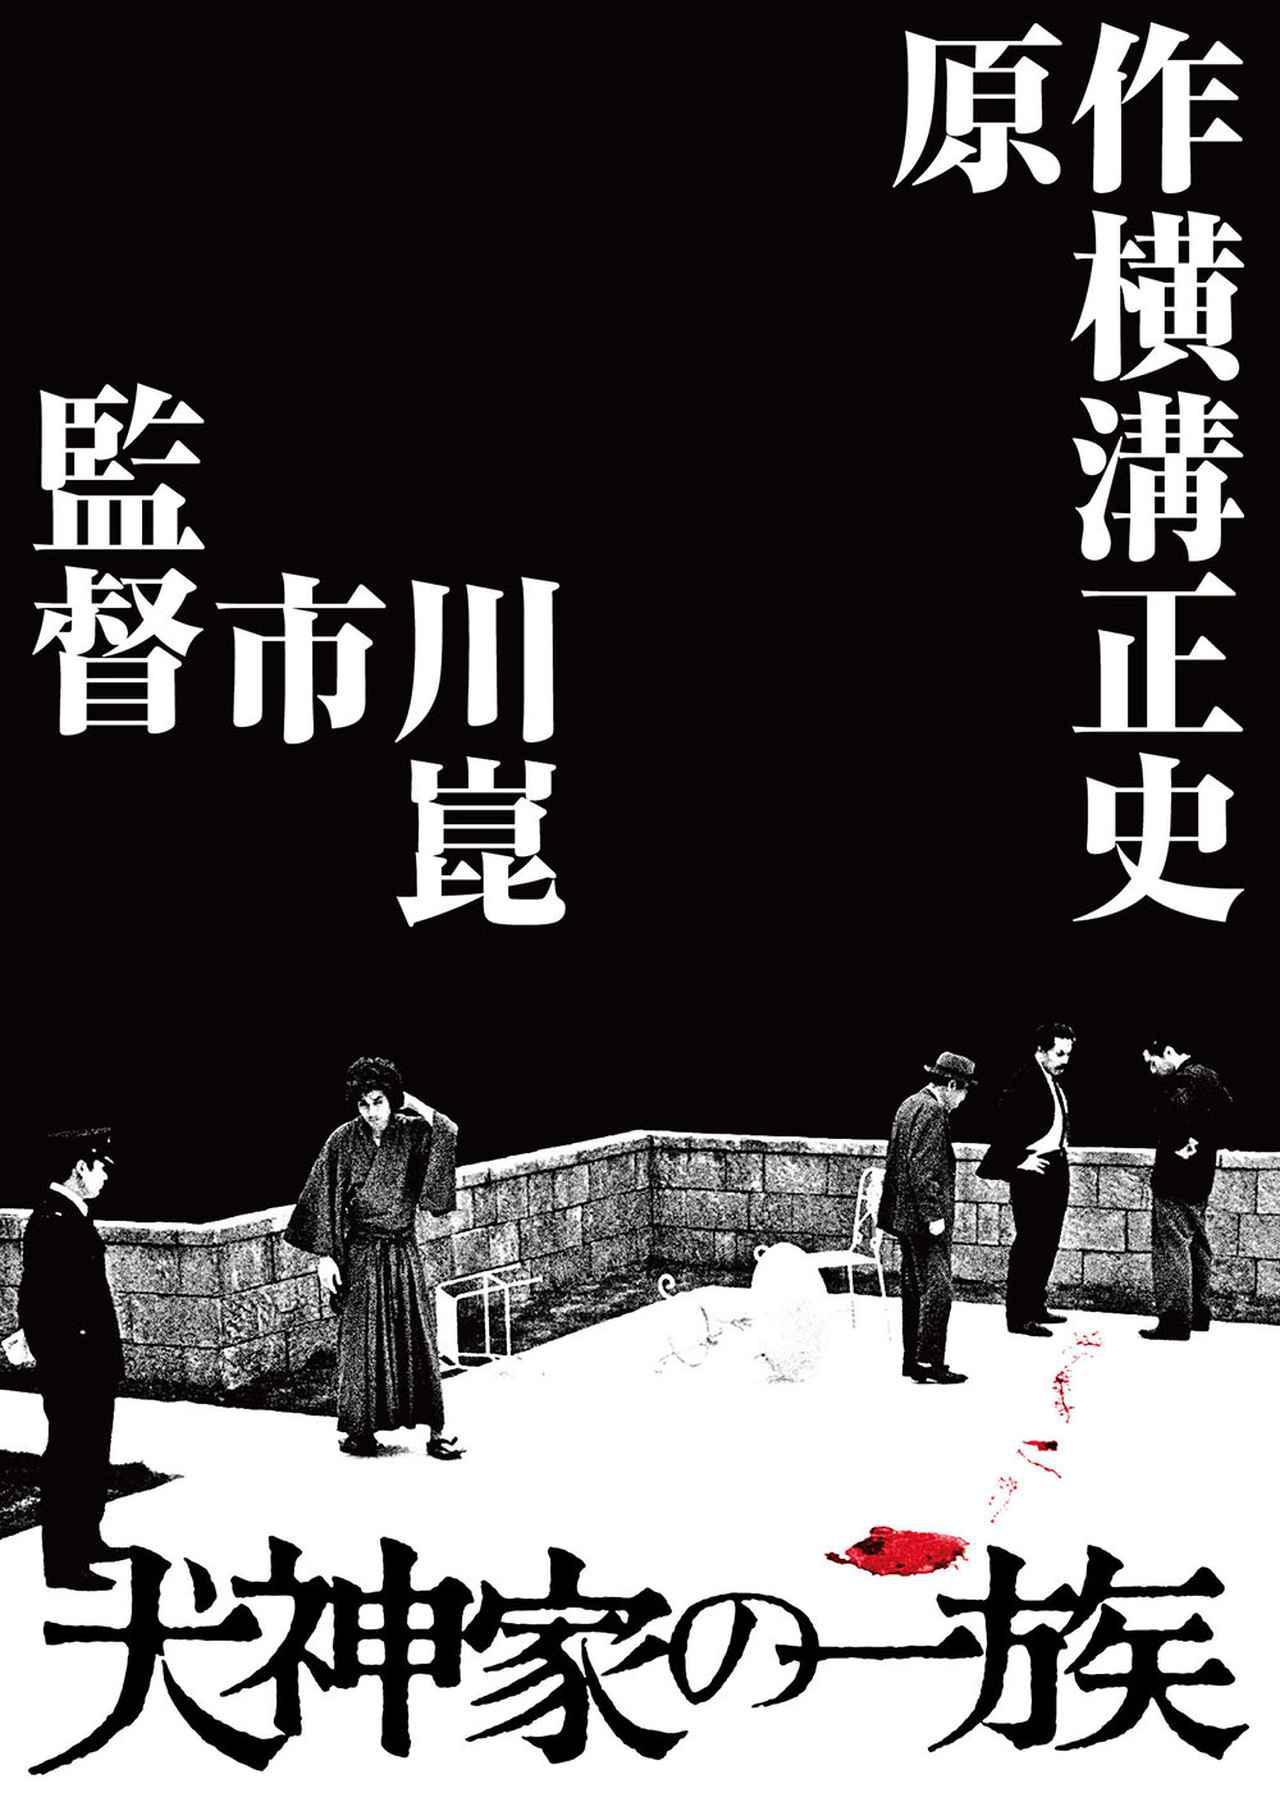 画像: 『犬神家の一族』の4K UHDブルーレイが12月24日に発売決定! 角川映画45周年を記念して、考え得る最高のパッケージソフトとして登場する